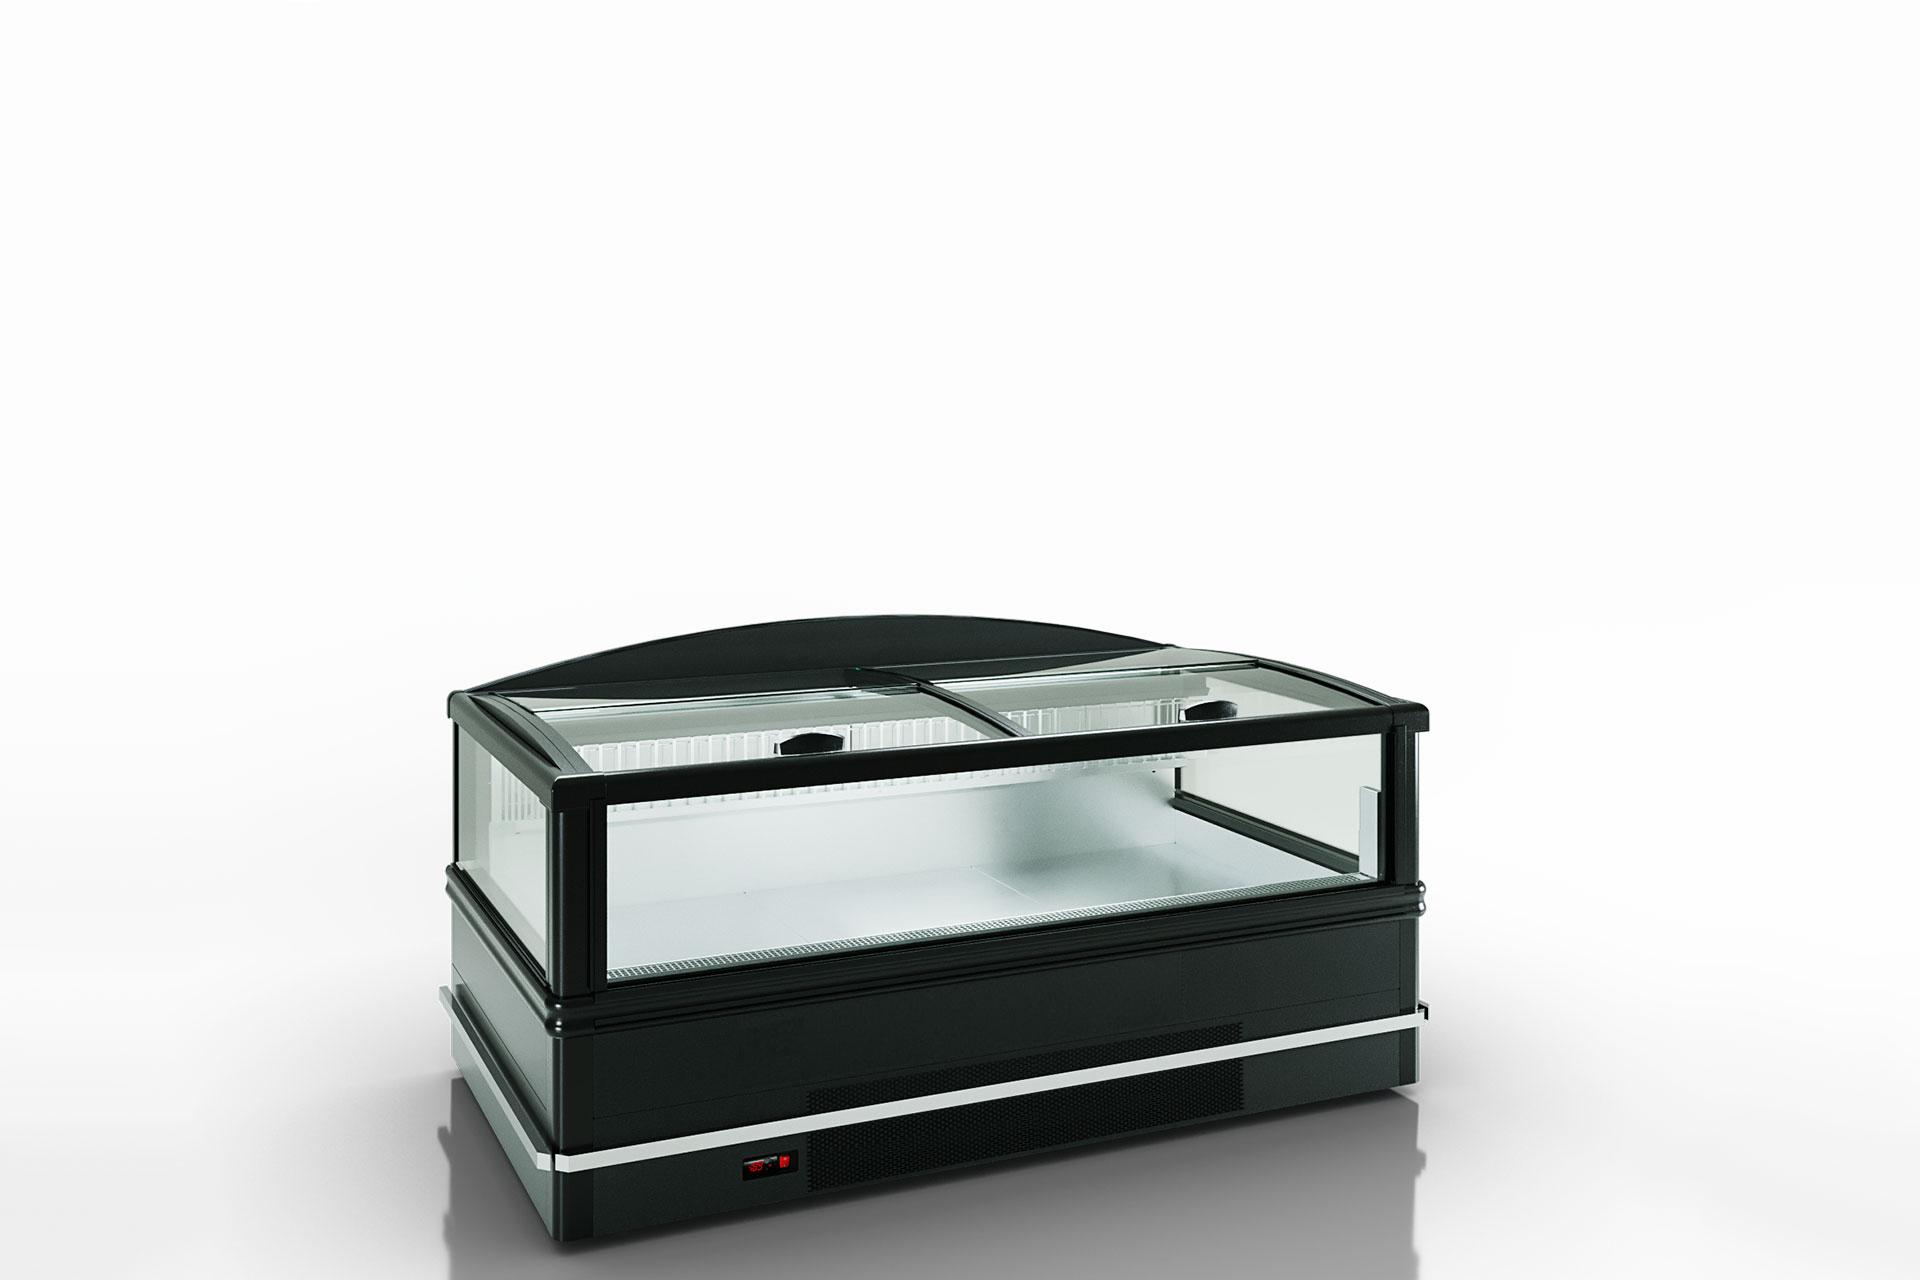 Витрина для замороженных продуктов Yukon cube MH 200 LT C 088-SLA-TL